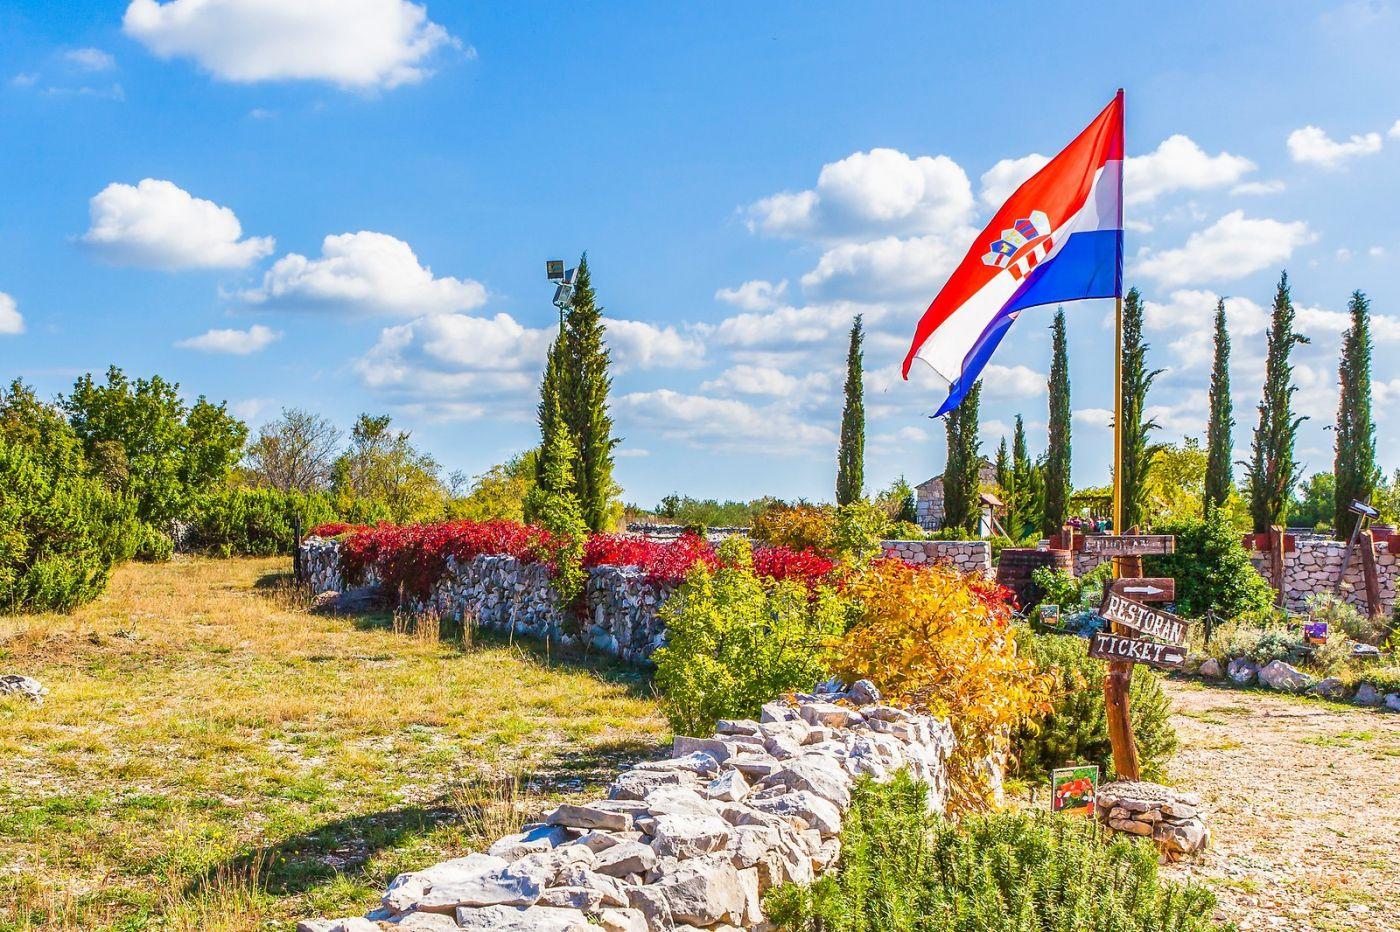 克罗地亚达尔马提亚村,独特的地域风貌_图1-15